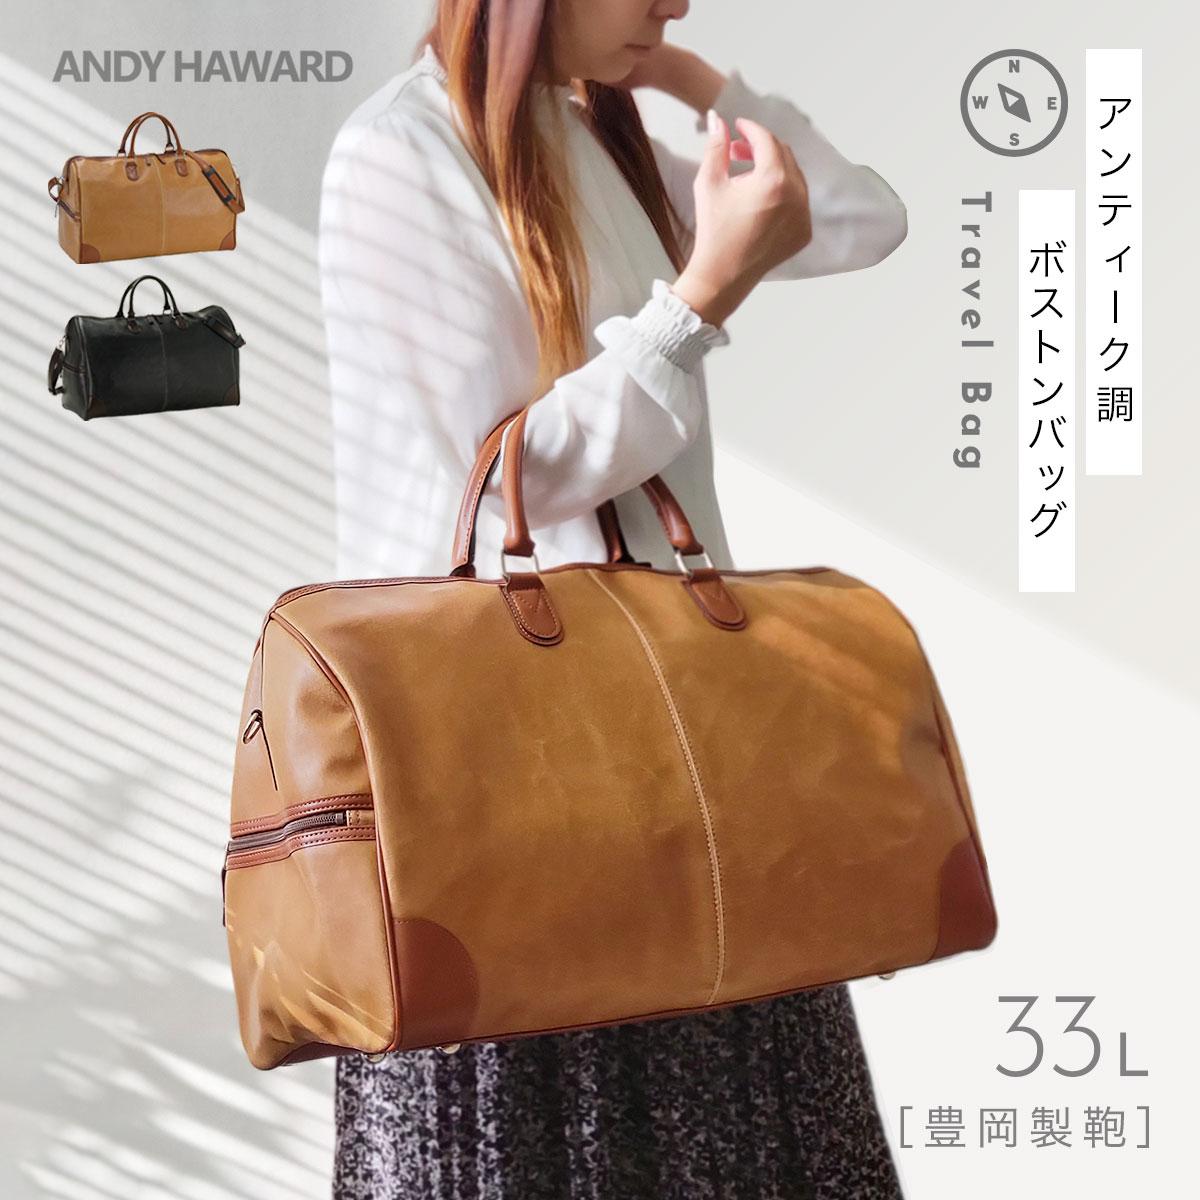 メンズ 紳士 旅行かばん バッグ アンディハワード 白化合皮レトロシリーズ ボストンバッグ 黒 10414 敬老の日 メンズ 男性用 mens 紳士 バッグ かばん 人気